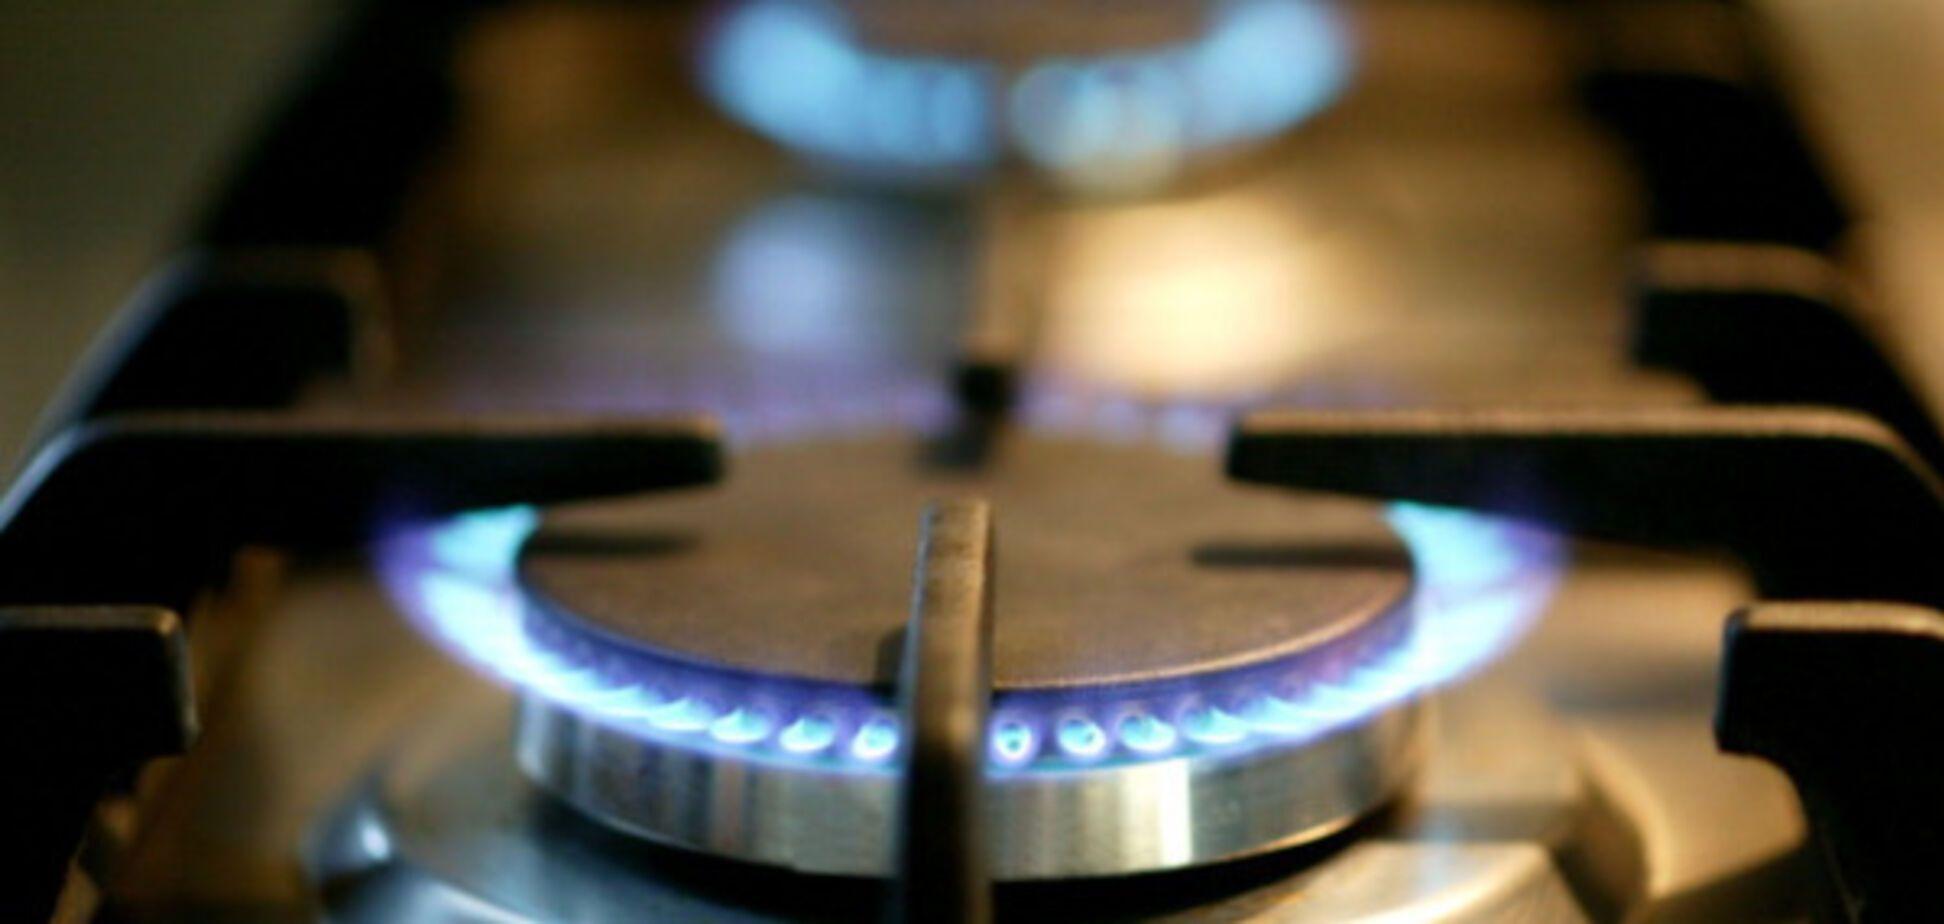 Цены на газ и тепло: вырастут ли тарифы до конца зимнего периода